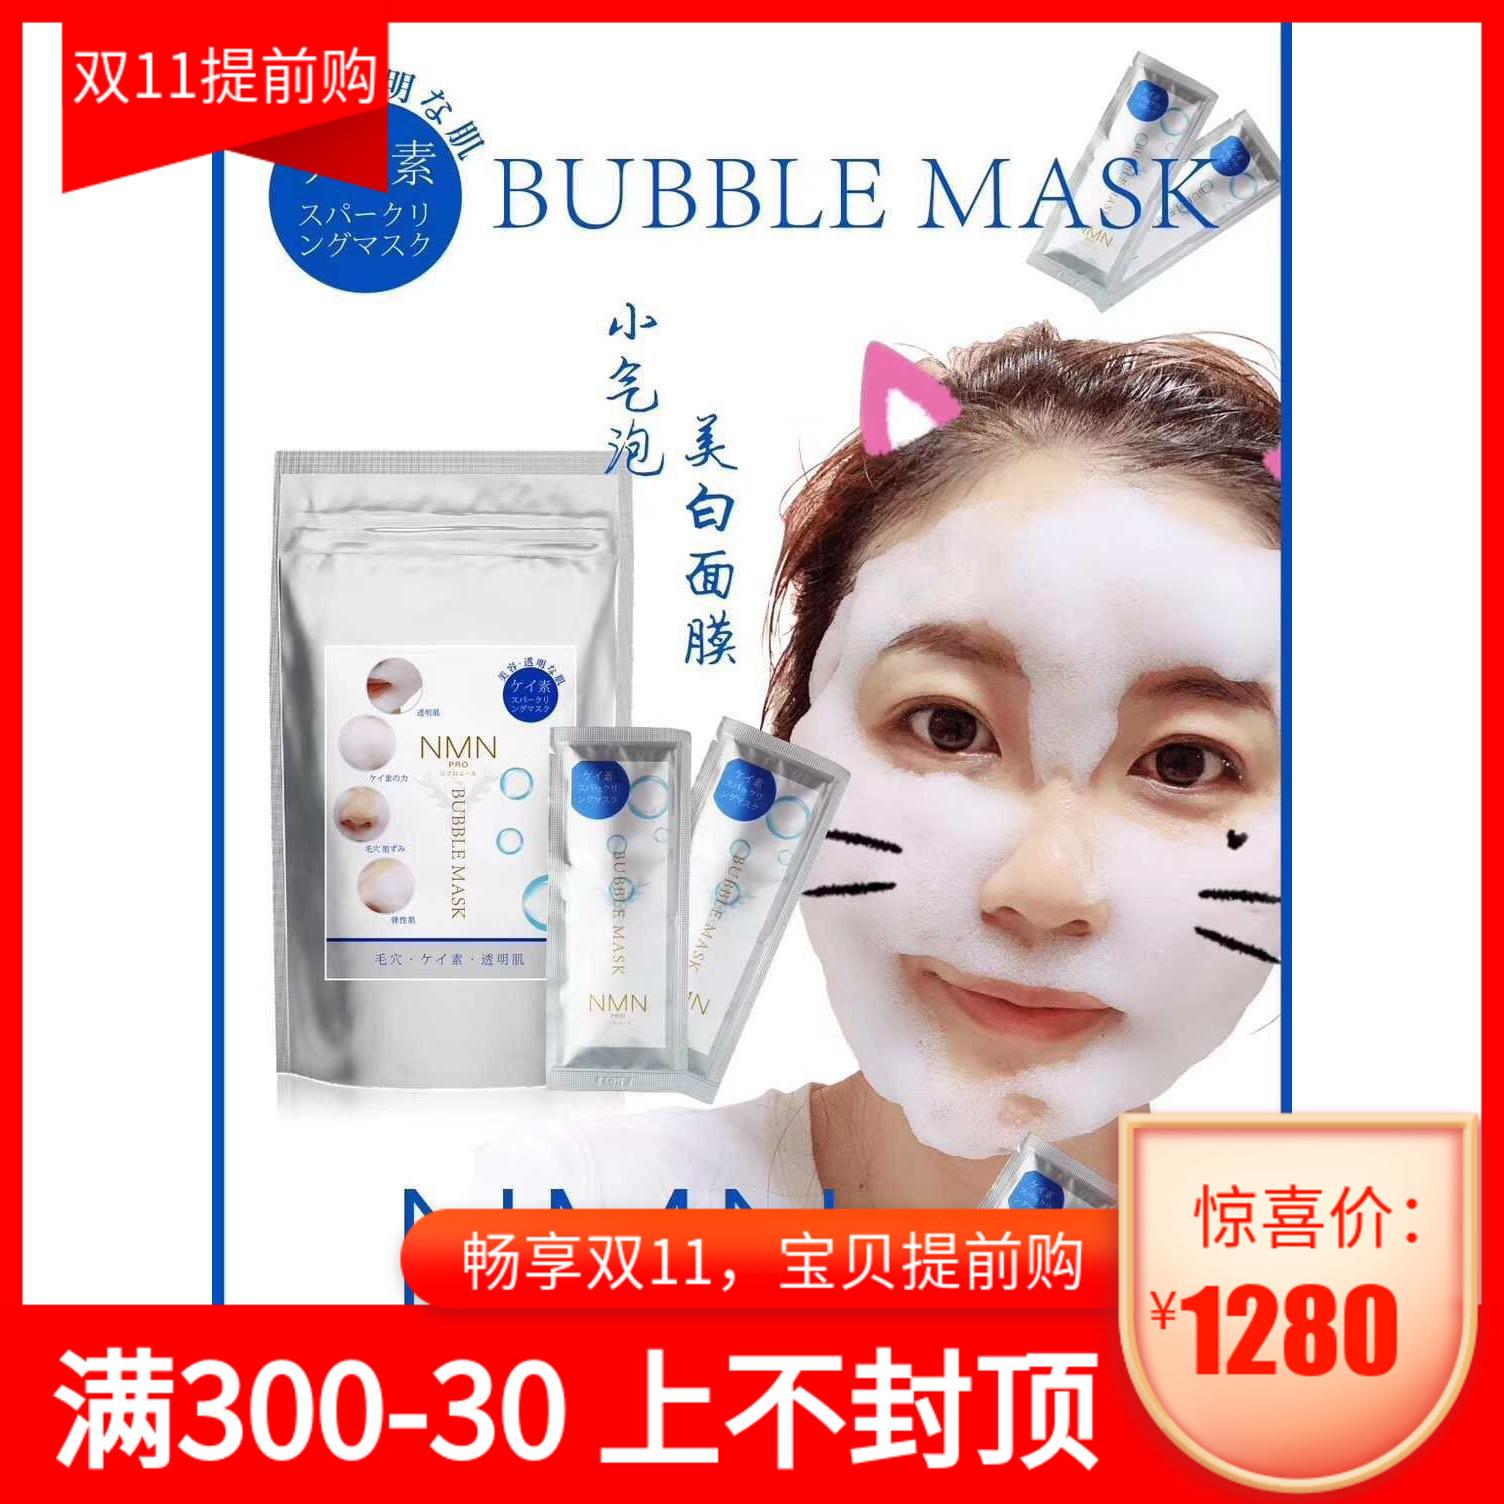 日本19年新款 NMN pro 碳酸面膜小气泡 美白深层清洁 提亮肤色